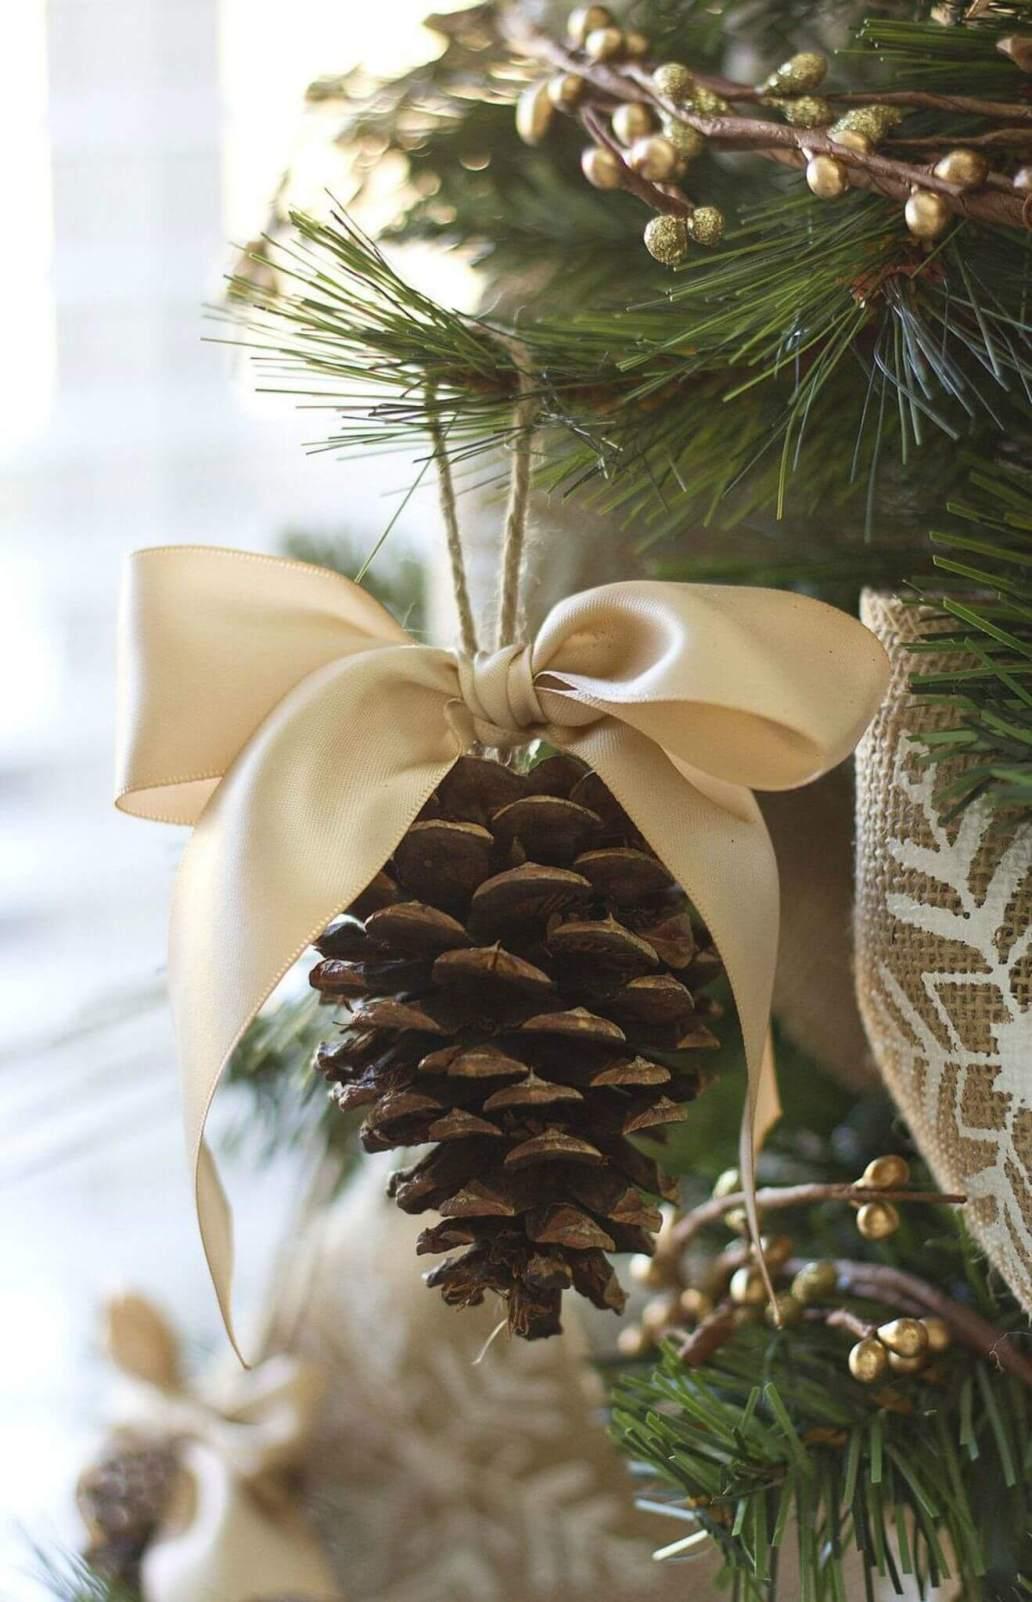 8 diy pomme de pin un nouvel ornement pour le sapin 6111841 - Les 8 tendances déco Noël annoncées pour 2020